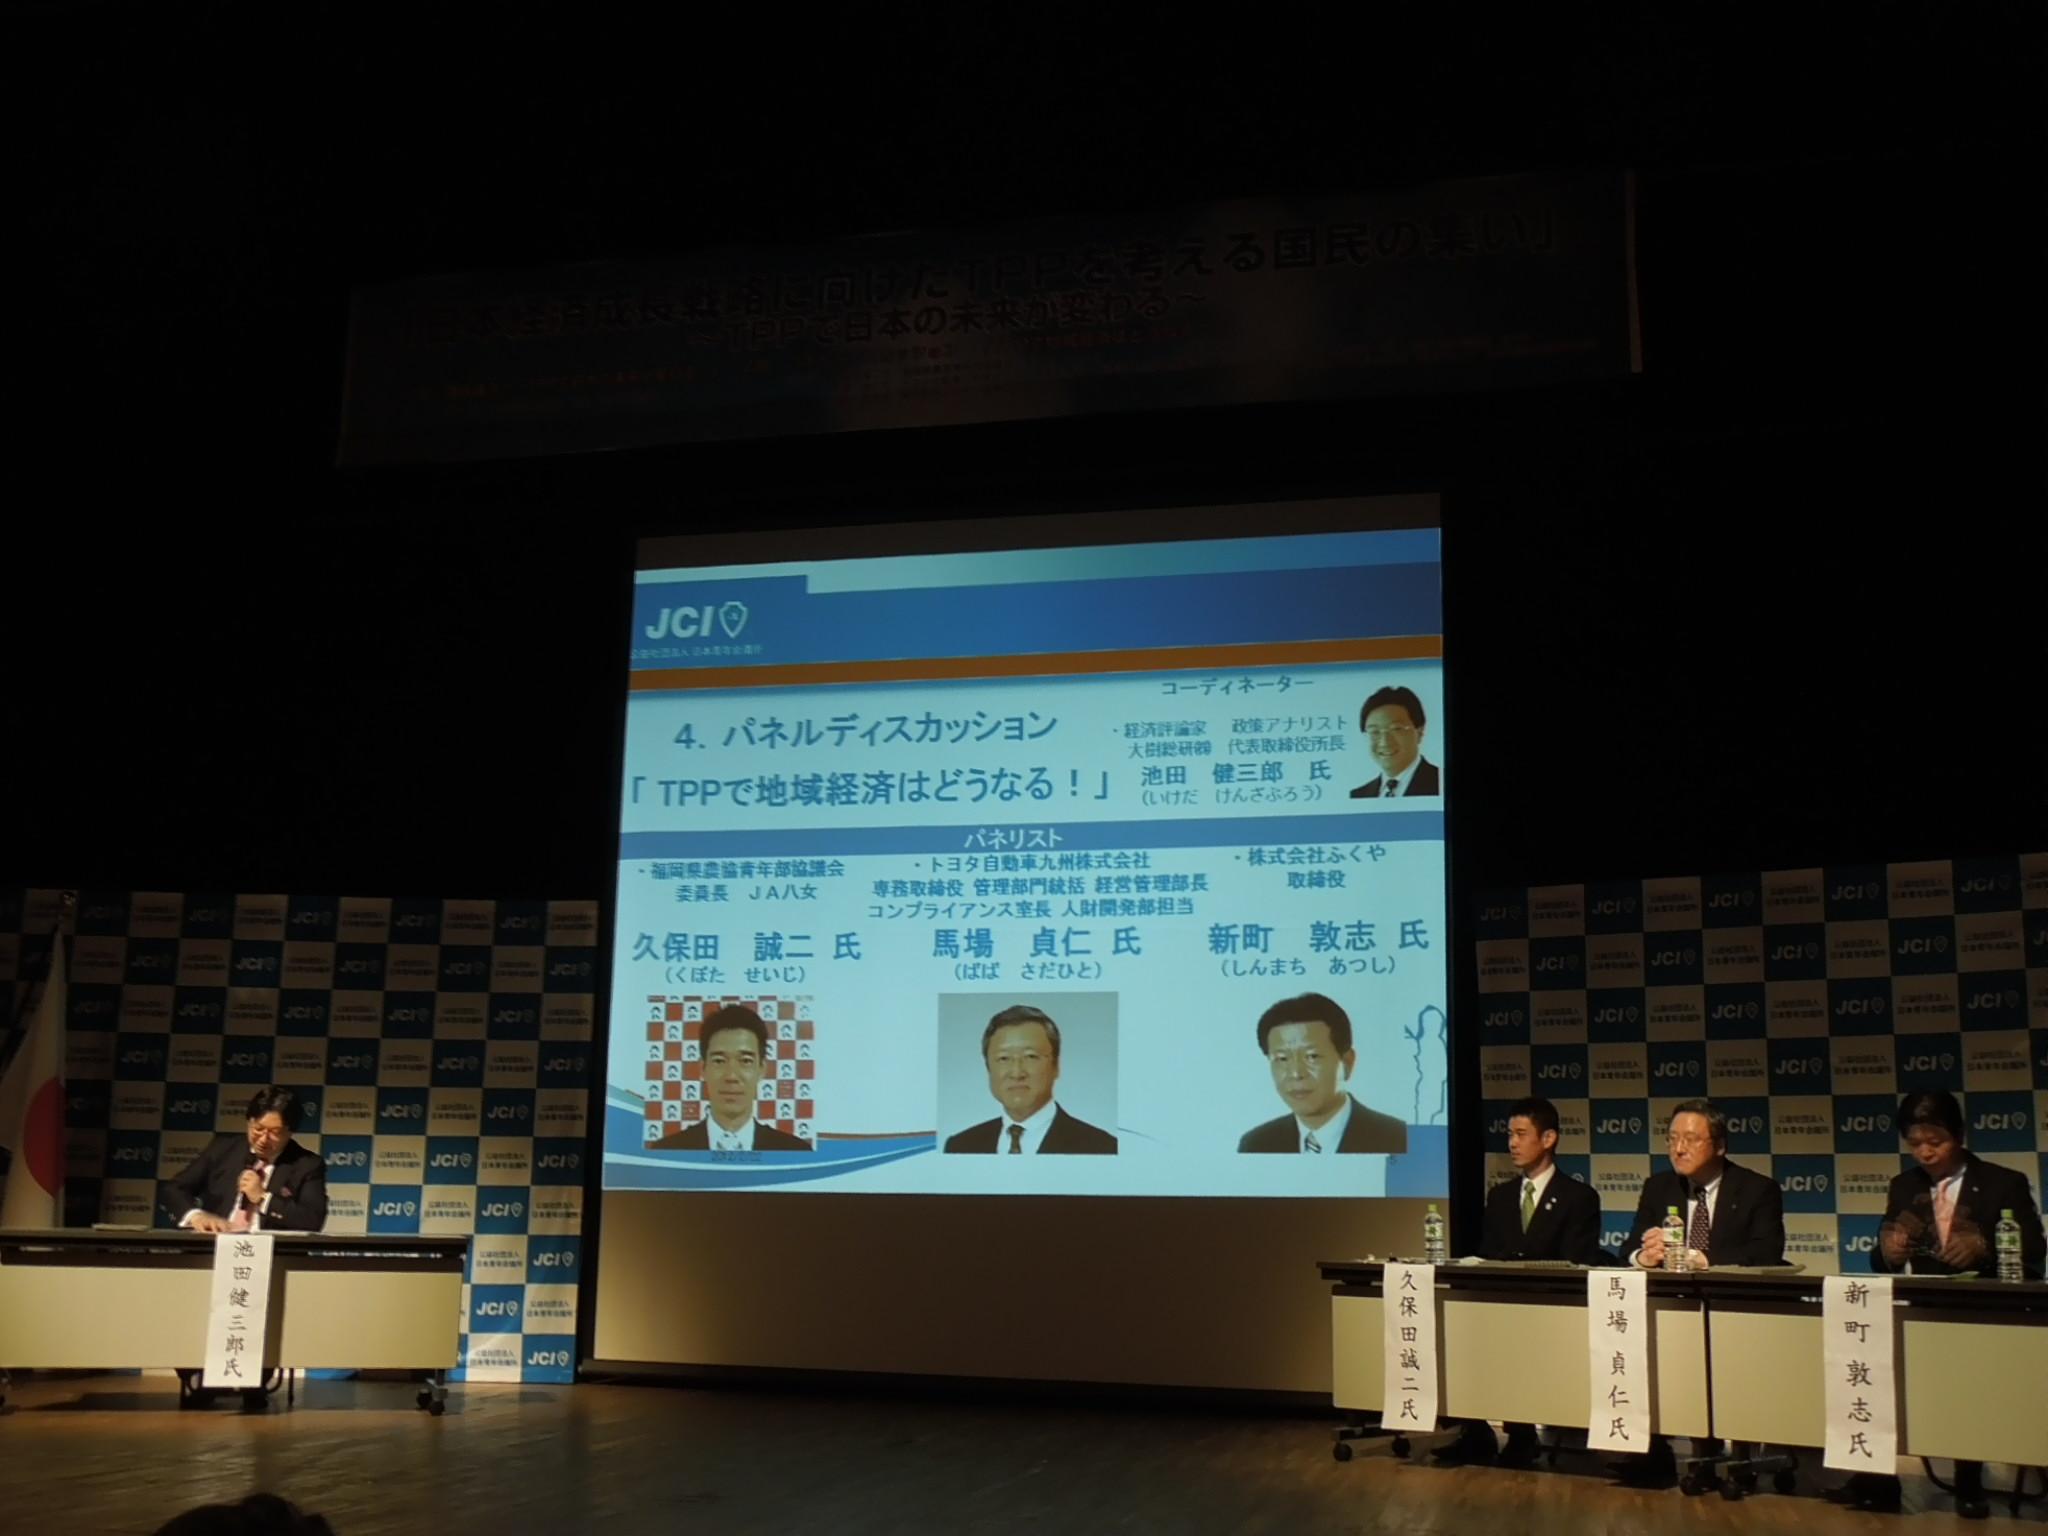 http://www.munakatajc.com/active/DSCN0529.JPG